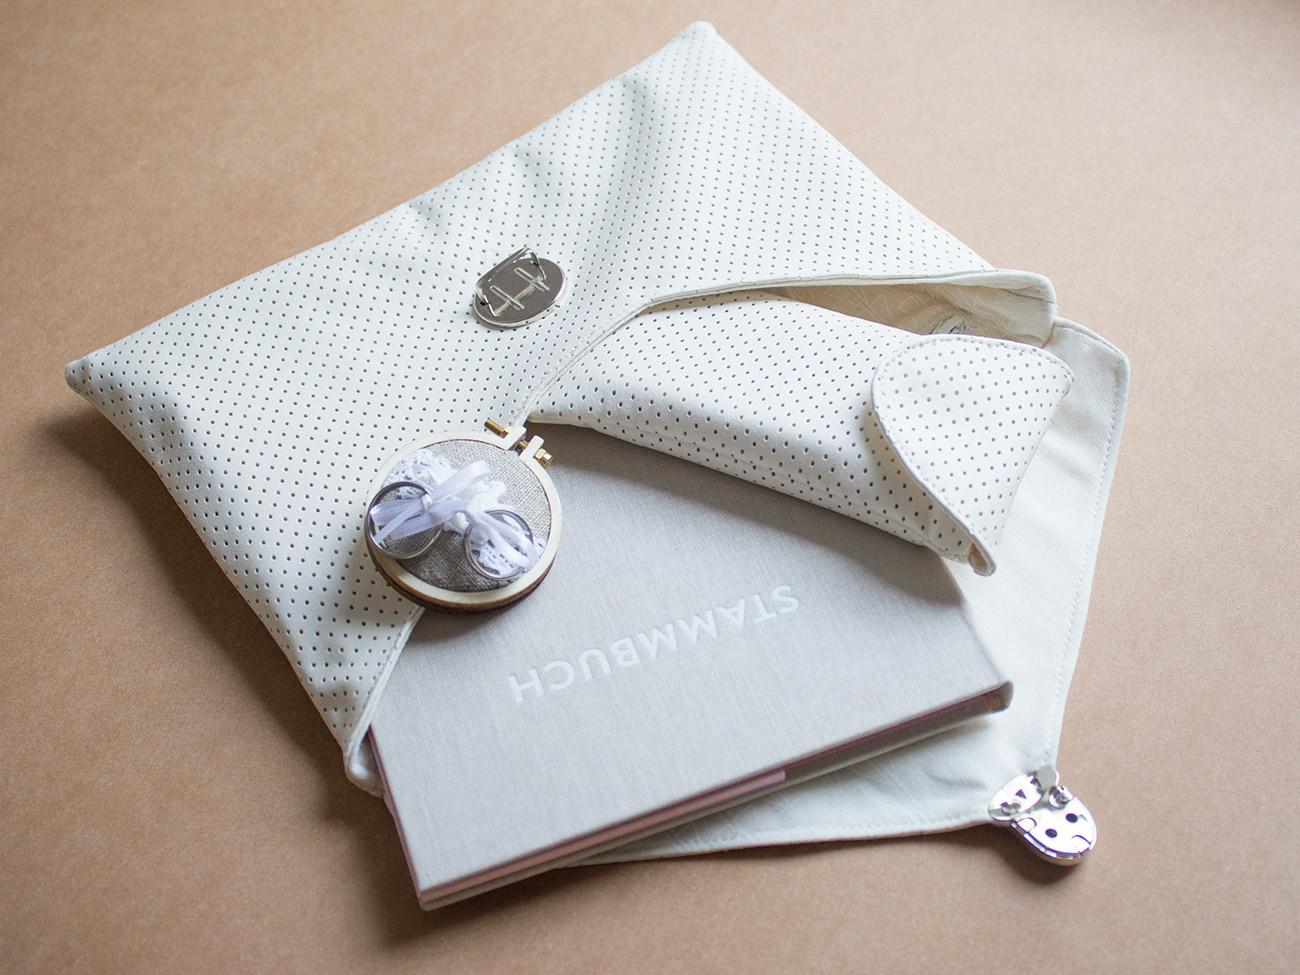 Braut-Accessoires aus Kunstleder nähen: Clutch, Geldbörse und ...